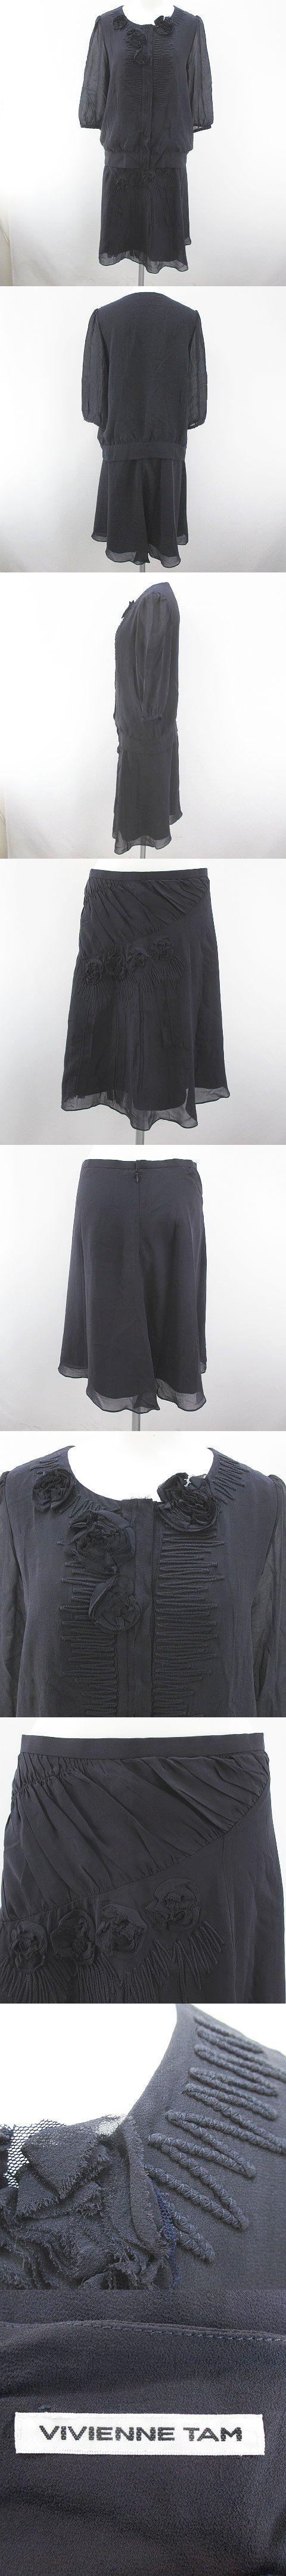 セットアップ 七分袖 シャツ ブラウス 膝丈 フレアスカート 比翼 絹 シルク 1 灰系 グレー 刺繍 シースルー 透け感 裏地